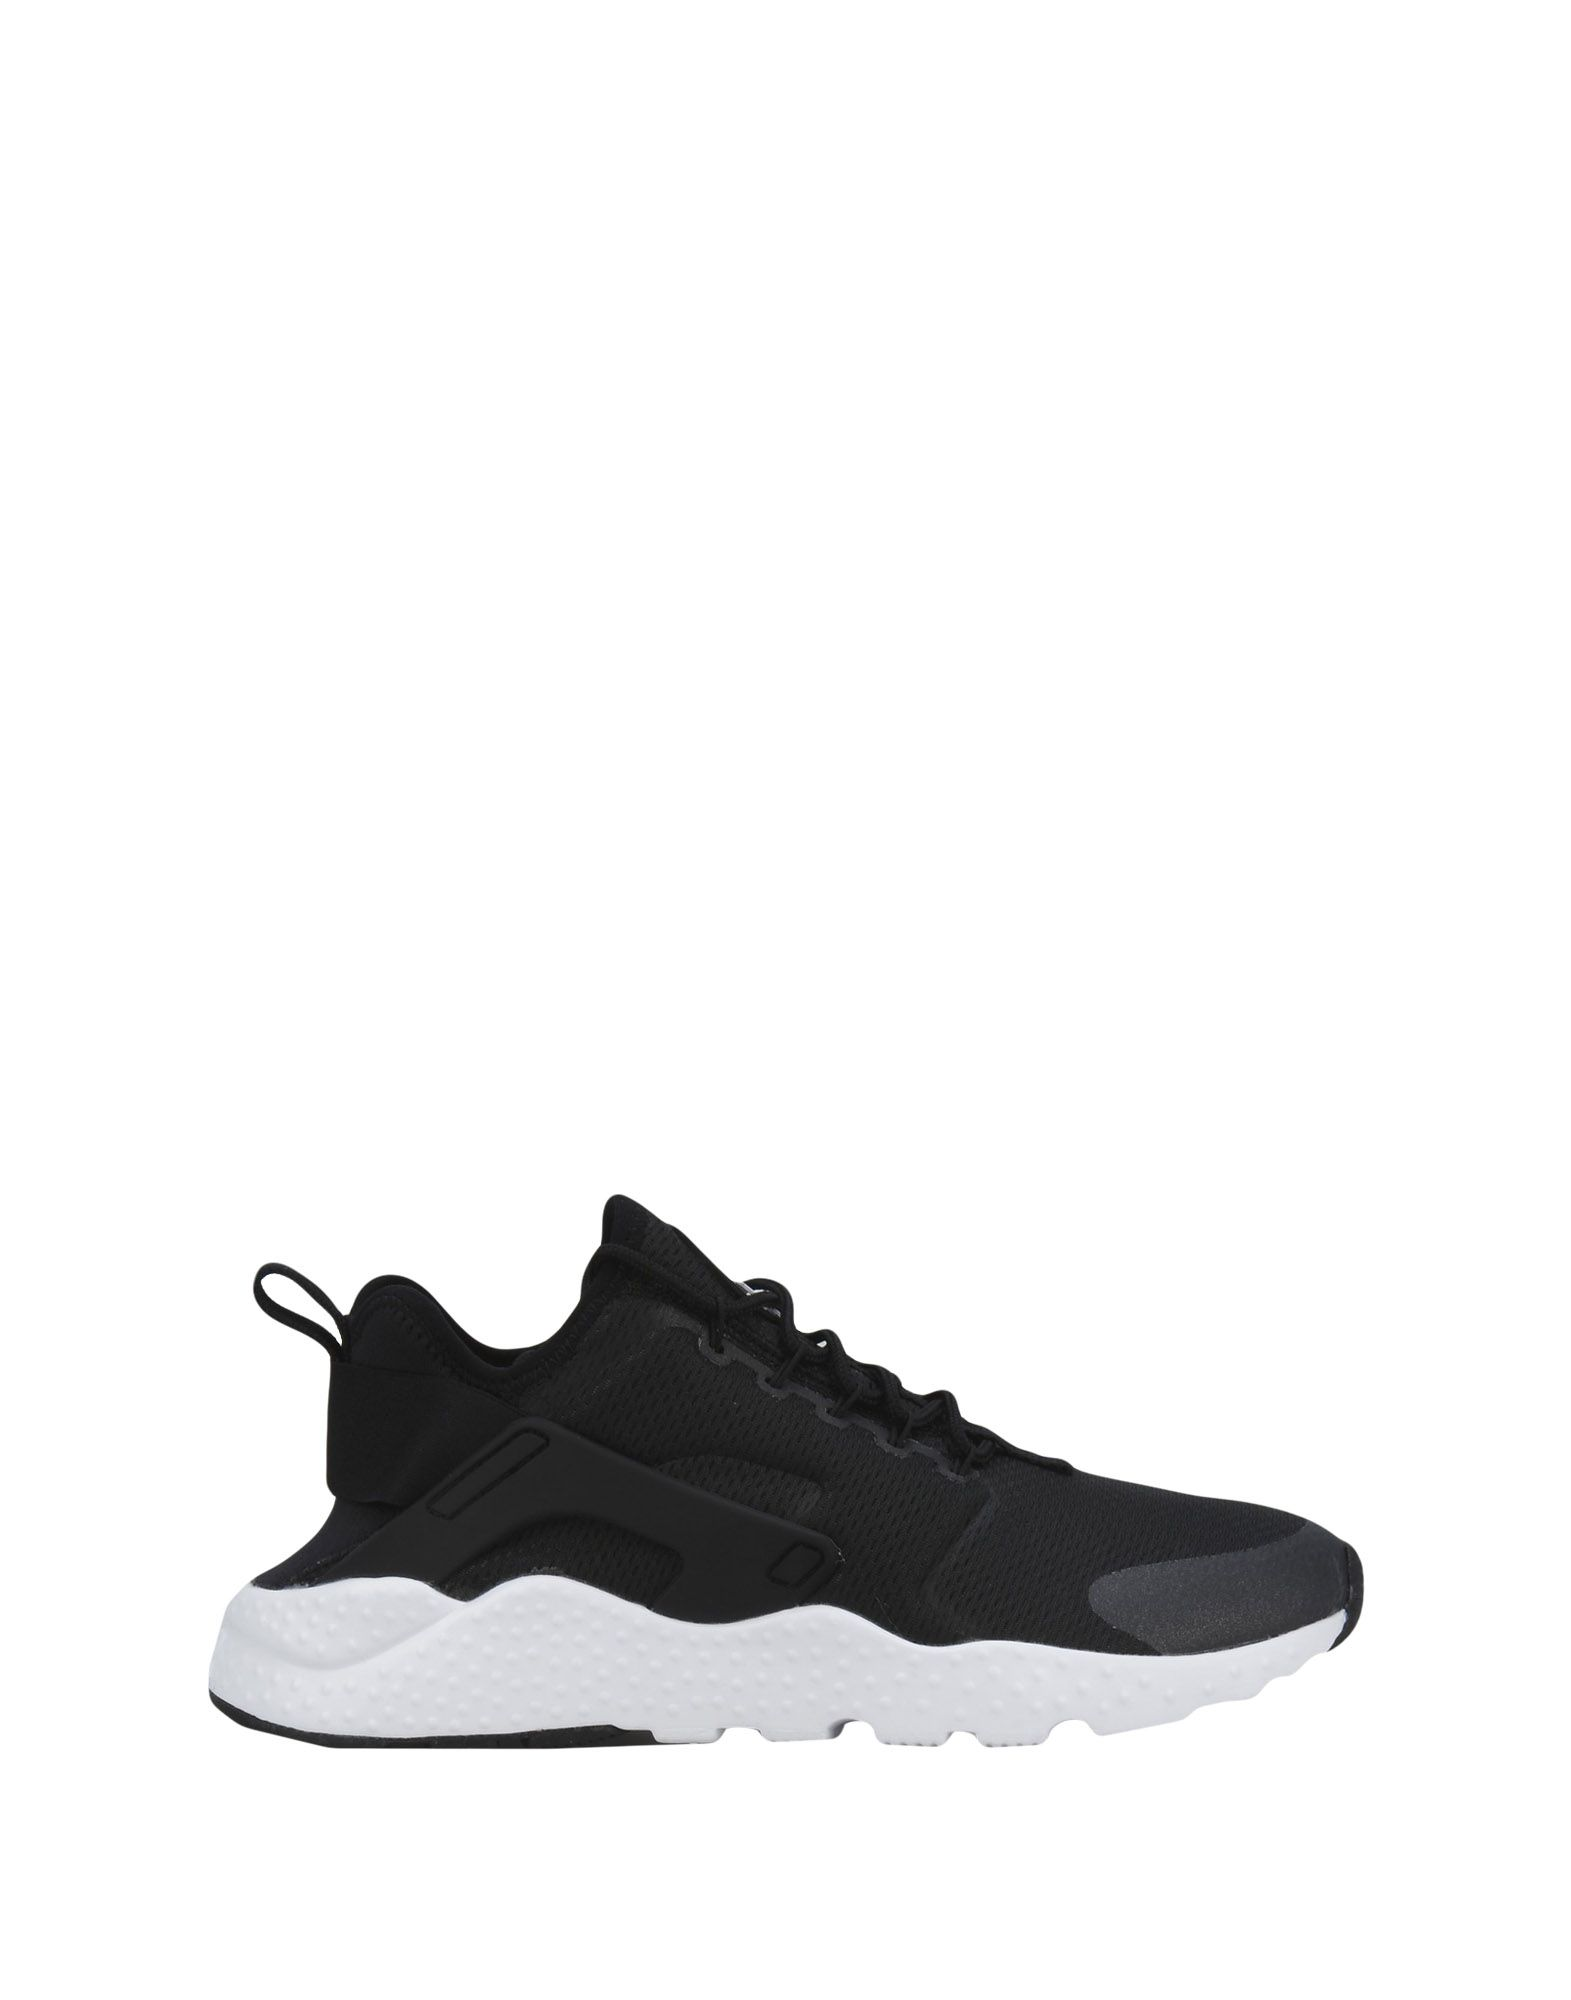 Nike  Air Huarache Run Ultra Ultra Ultra - Sneakers - Women Nike Sneakers online on  United Kingdom - 11227690JH 2f14ba